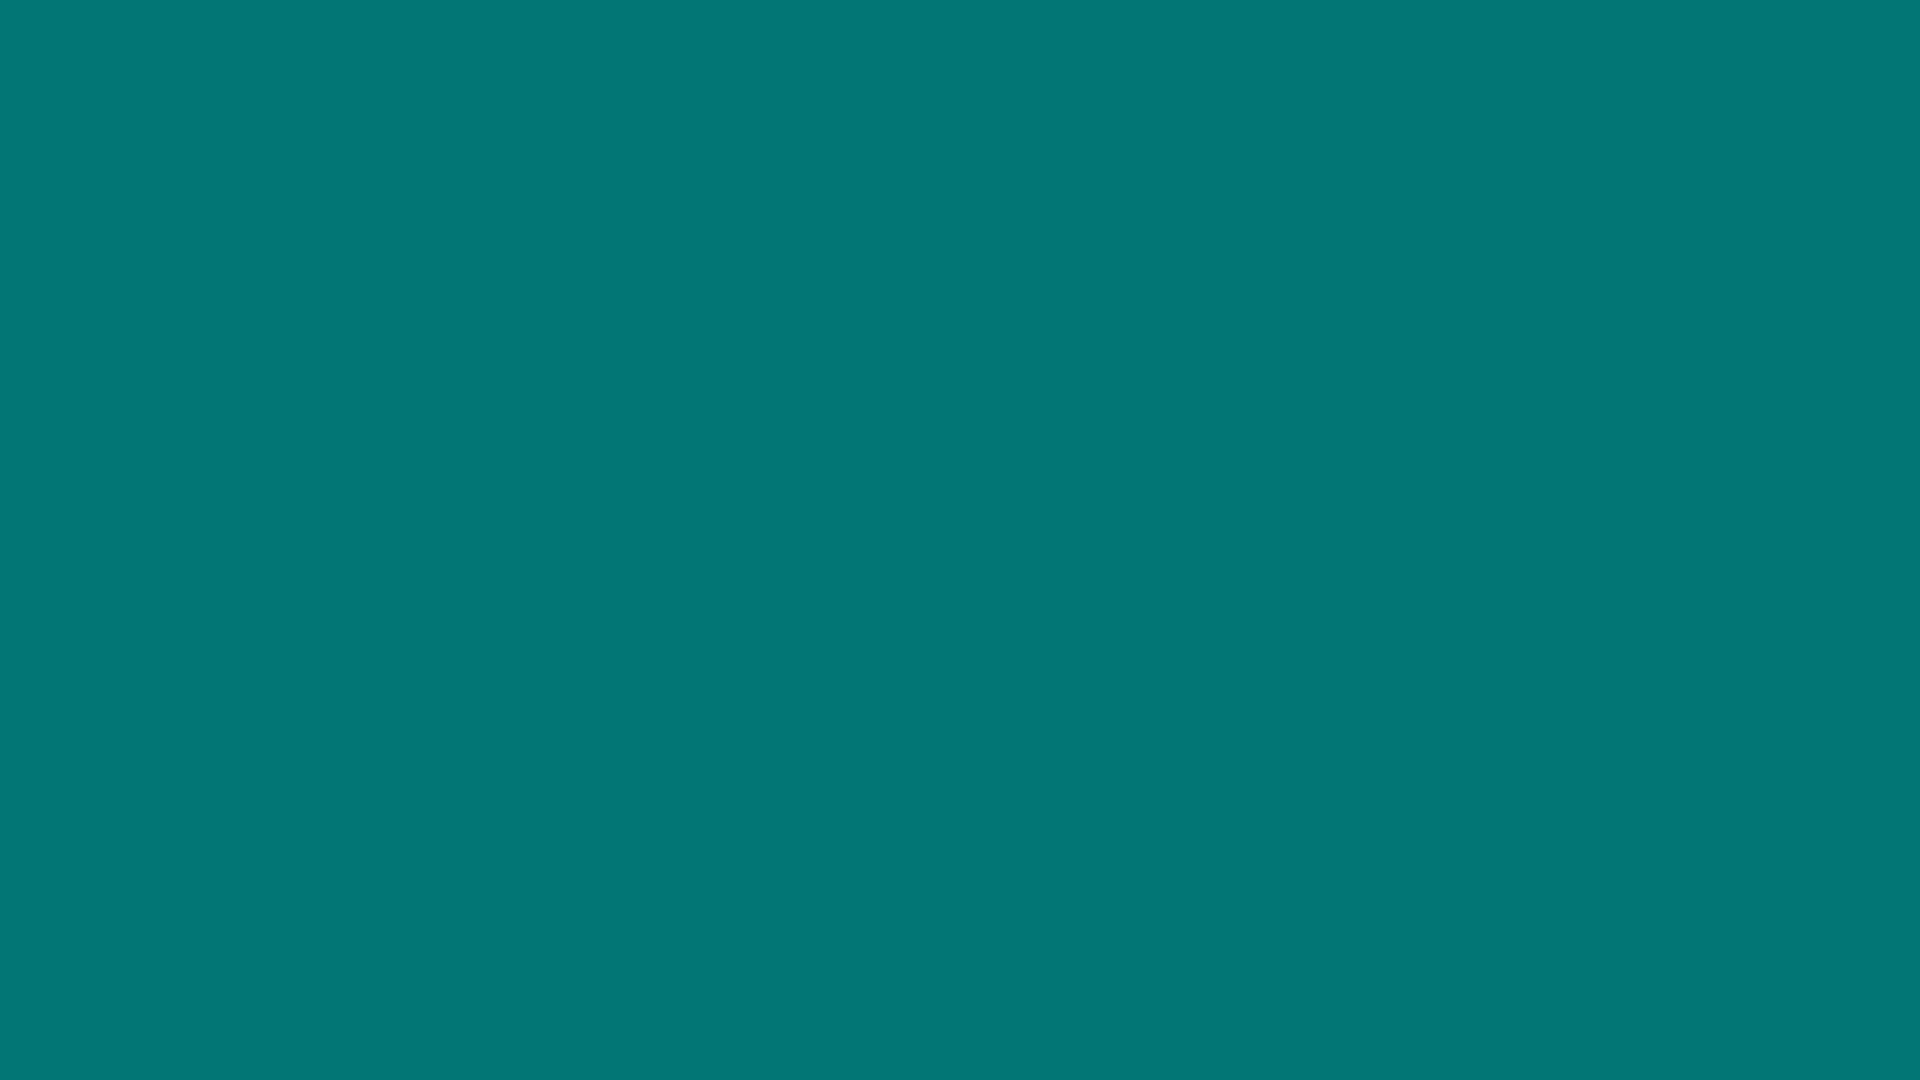 [공고] 서울대학교 아시아연구소 국제교류 및 국제학술활동 전문인력 채용 공고